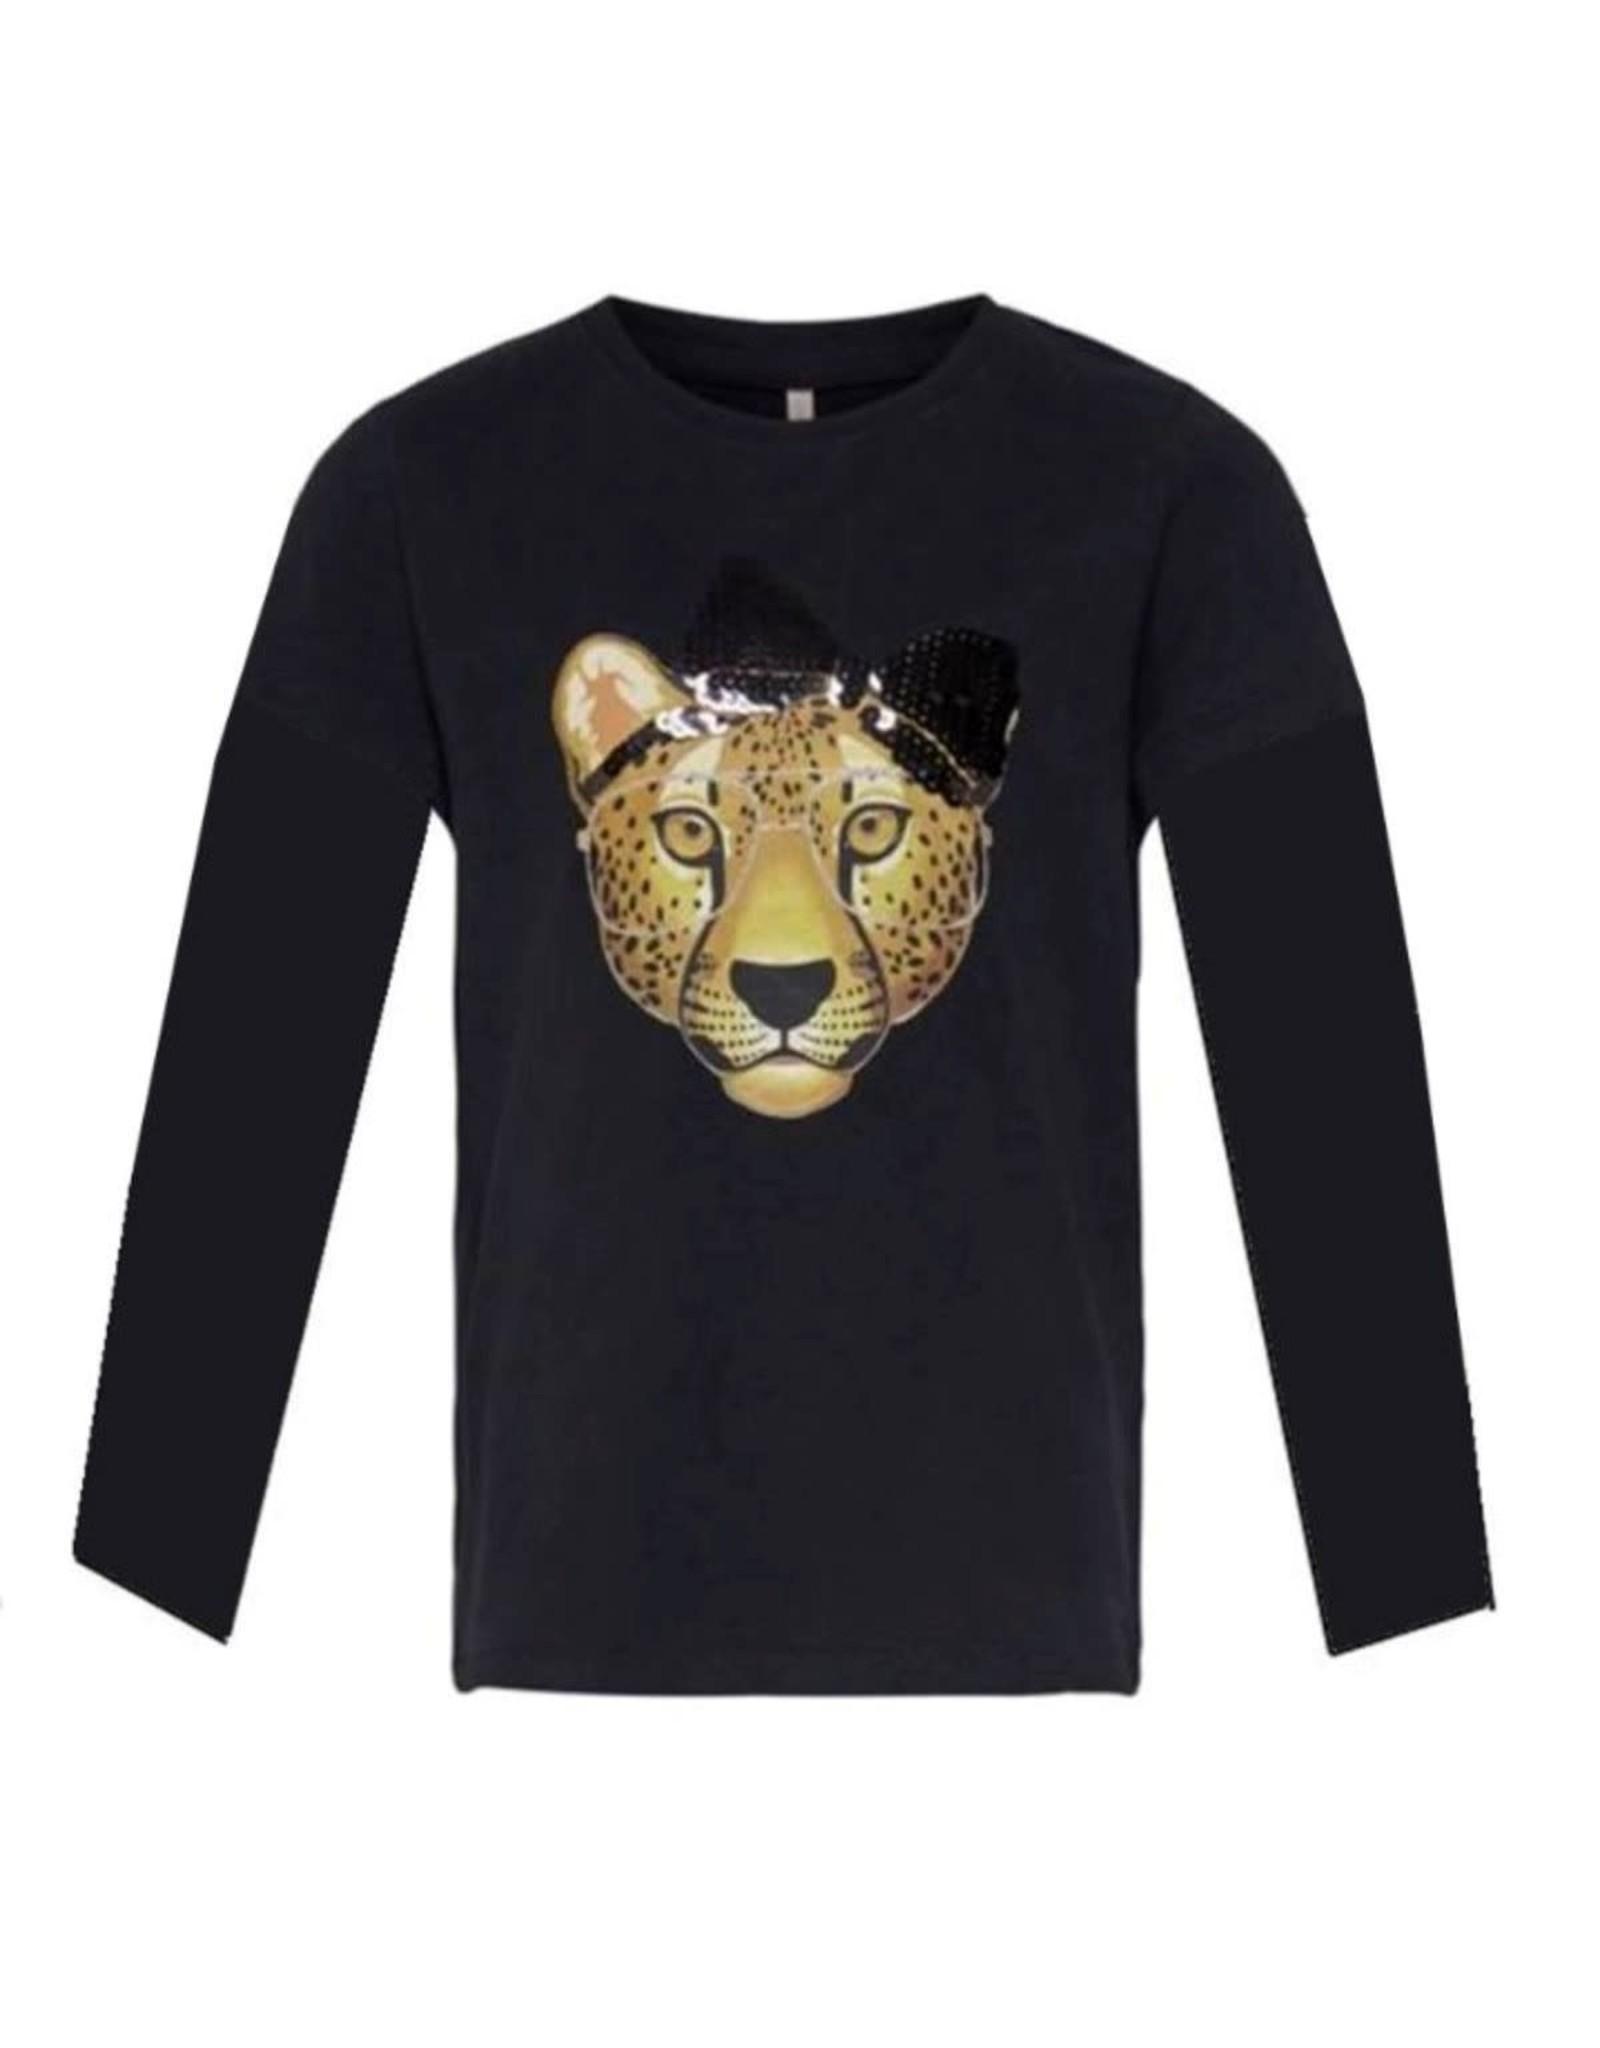 KIDS ONLY Zwarte t-shirt met panter bedrukking - LAATSTE MAAT 104